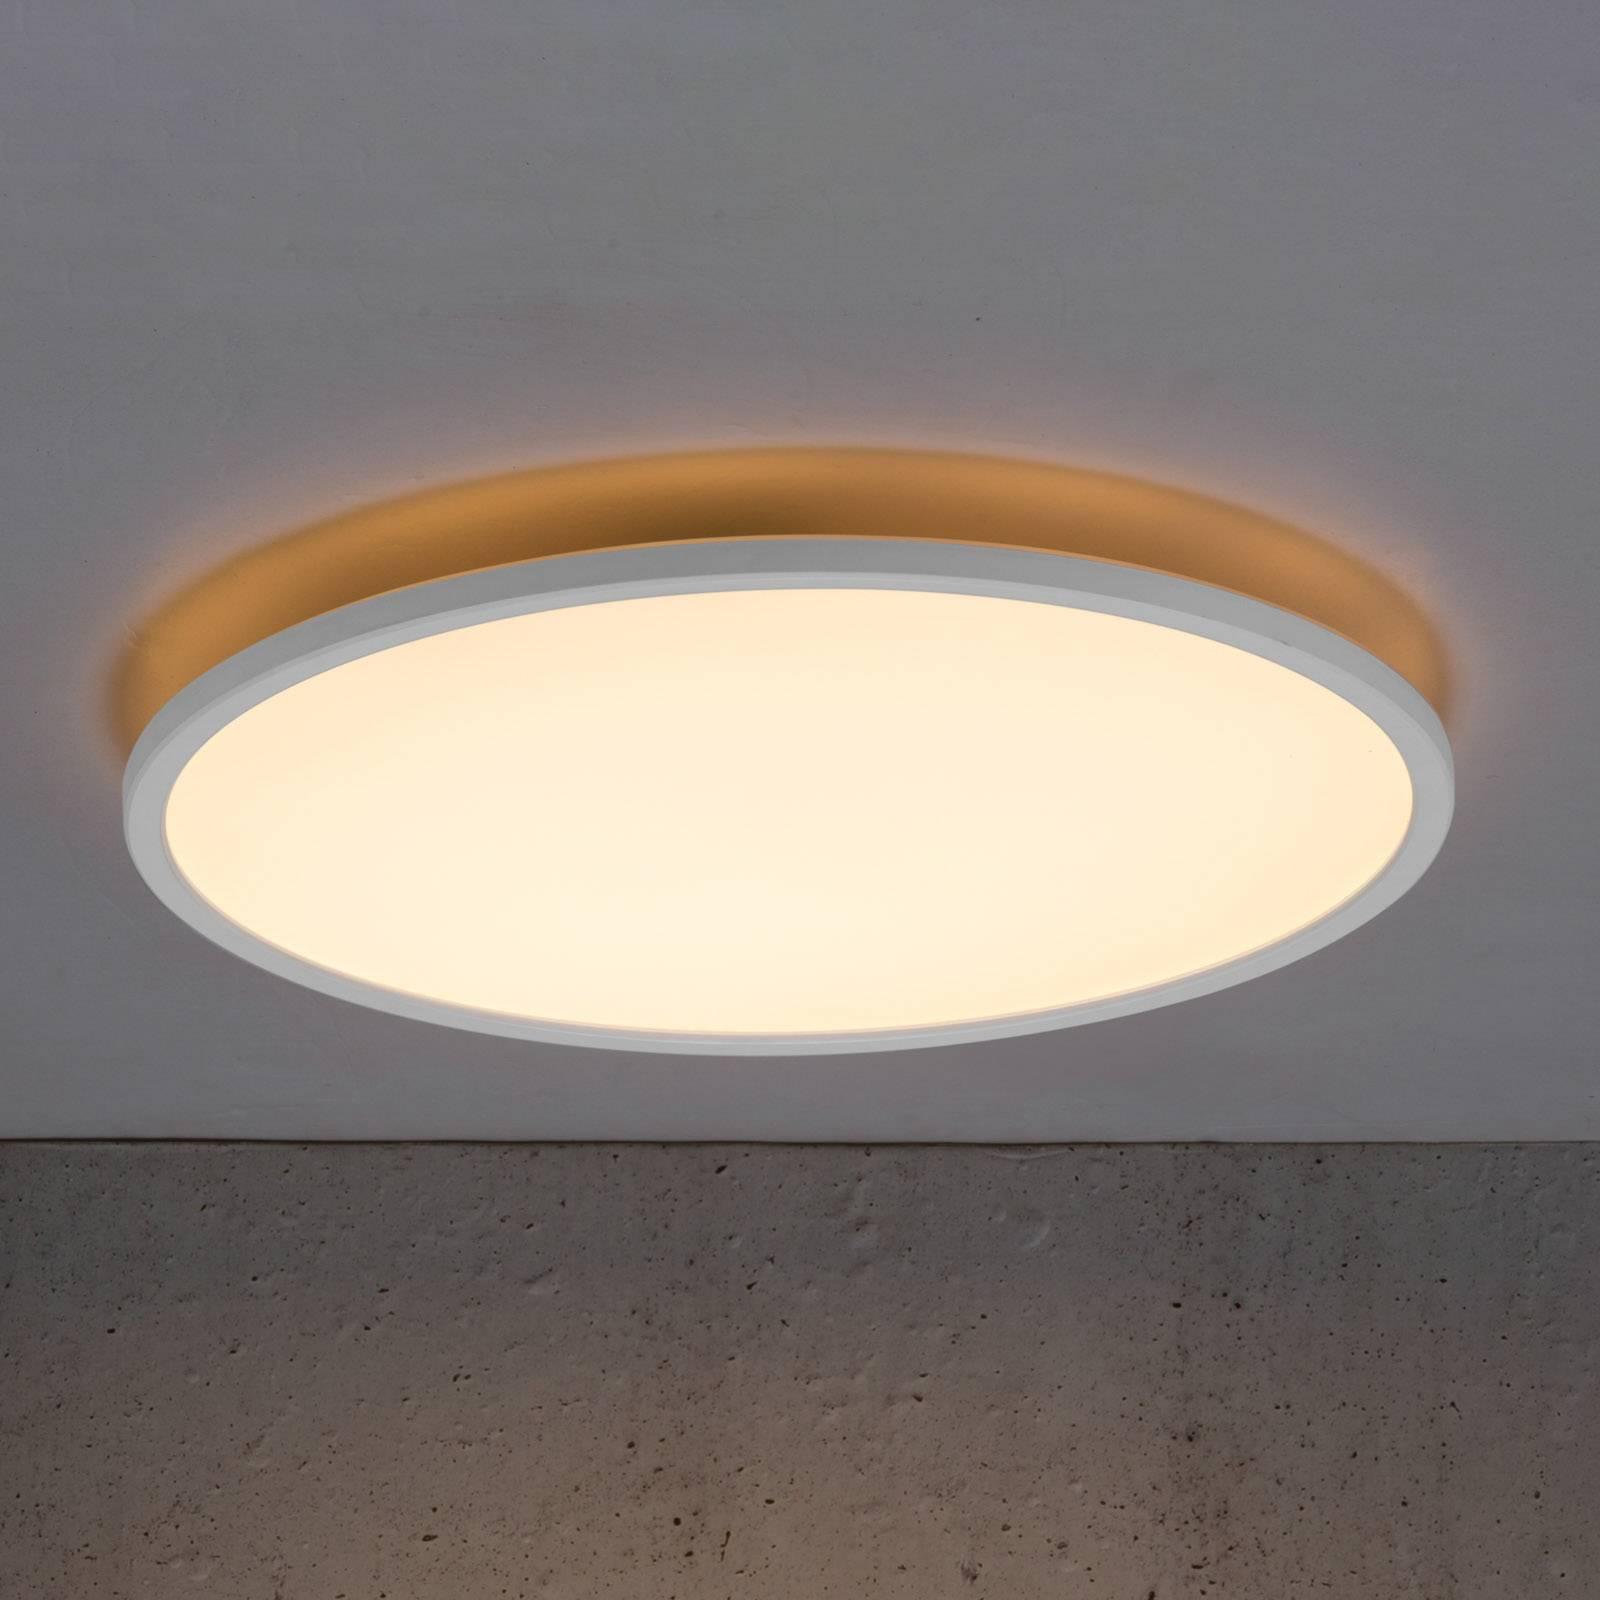 LED-kattovalaisin Bronx 2 700 K, Ø 42 cm